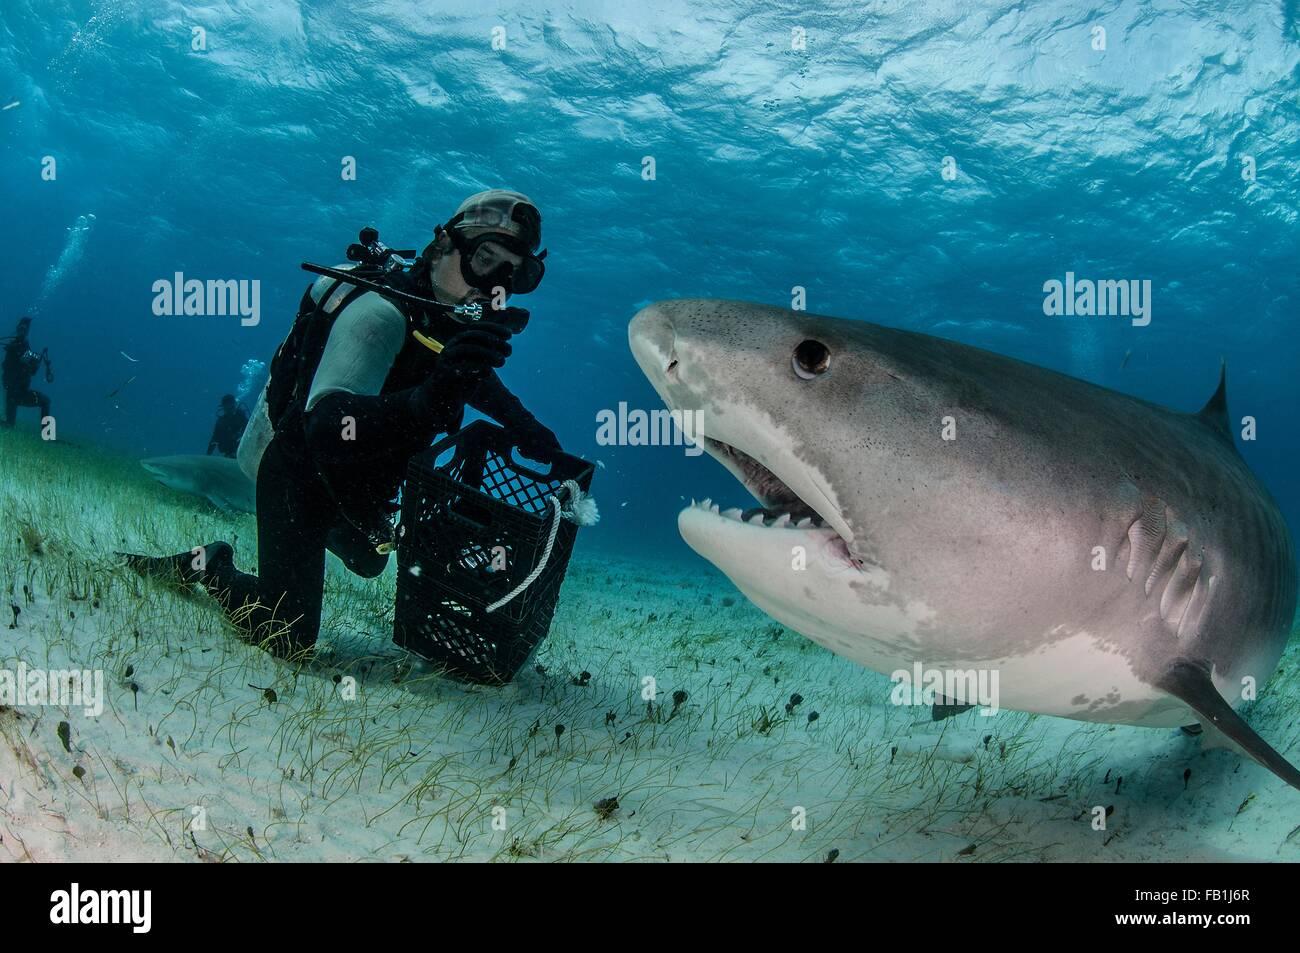 Vista submarina de Scuba Diver en la alimentación de los fondos marinos, el tiburón tigre Tiger Beach, Imagen De Stock